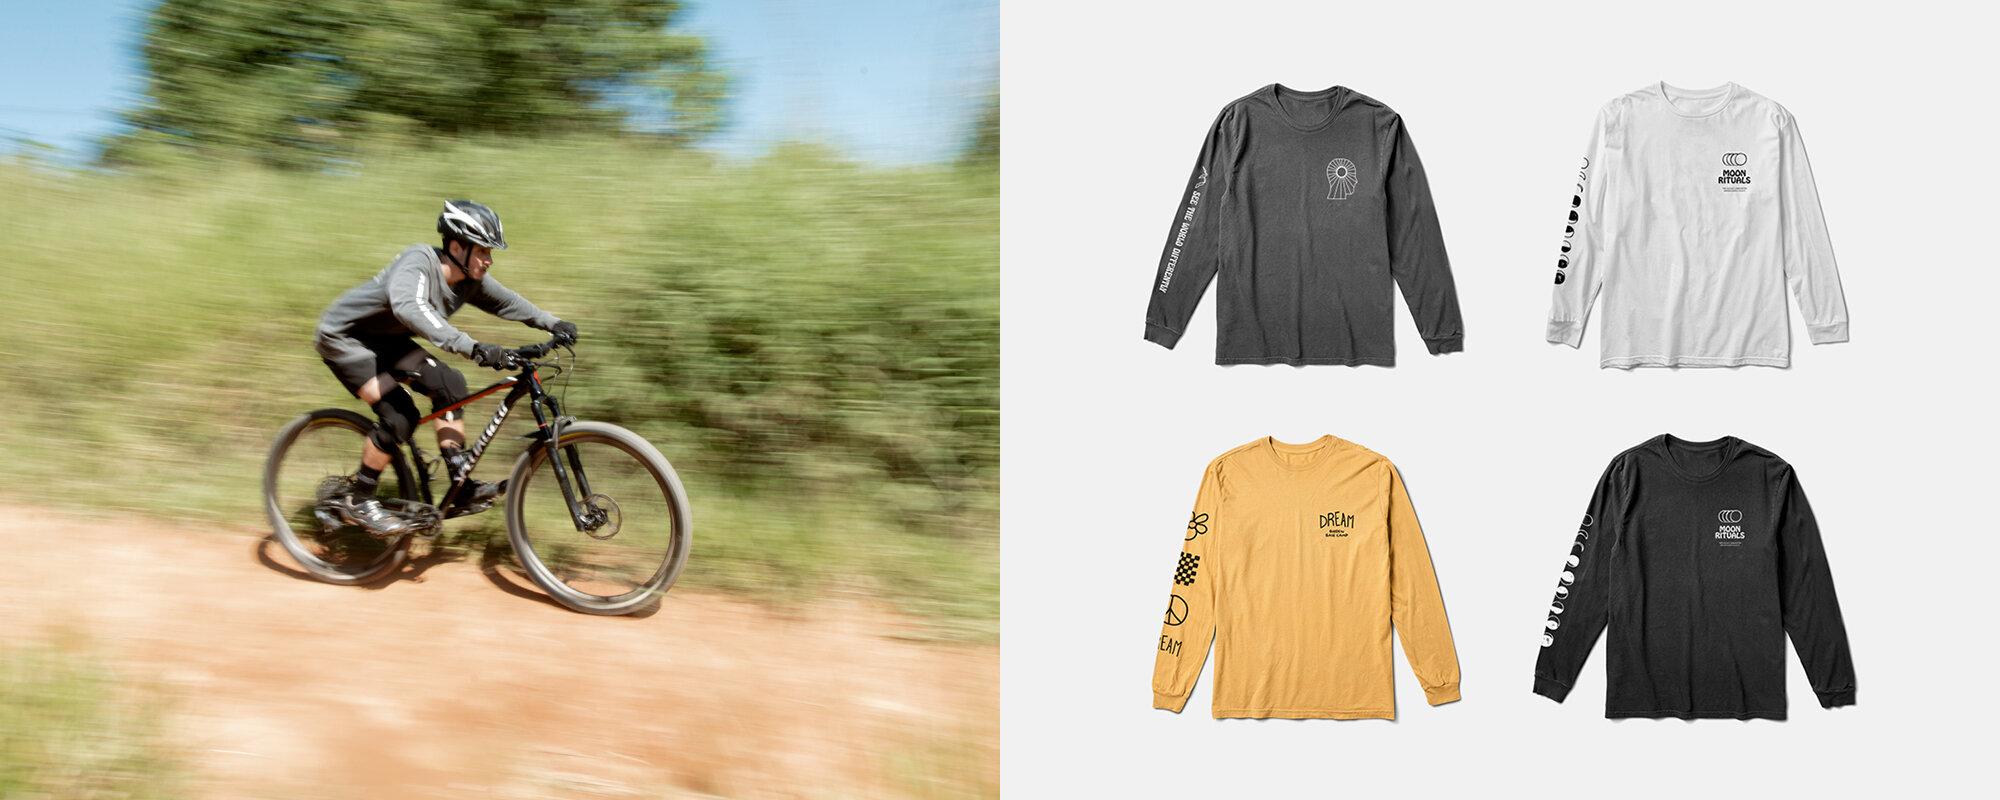 BIRDEN TEES - T-shirts e mangas longas 100% algodão